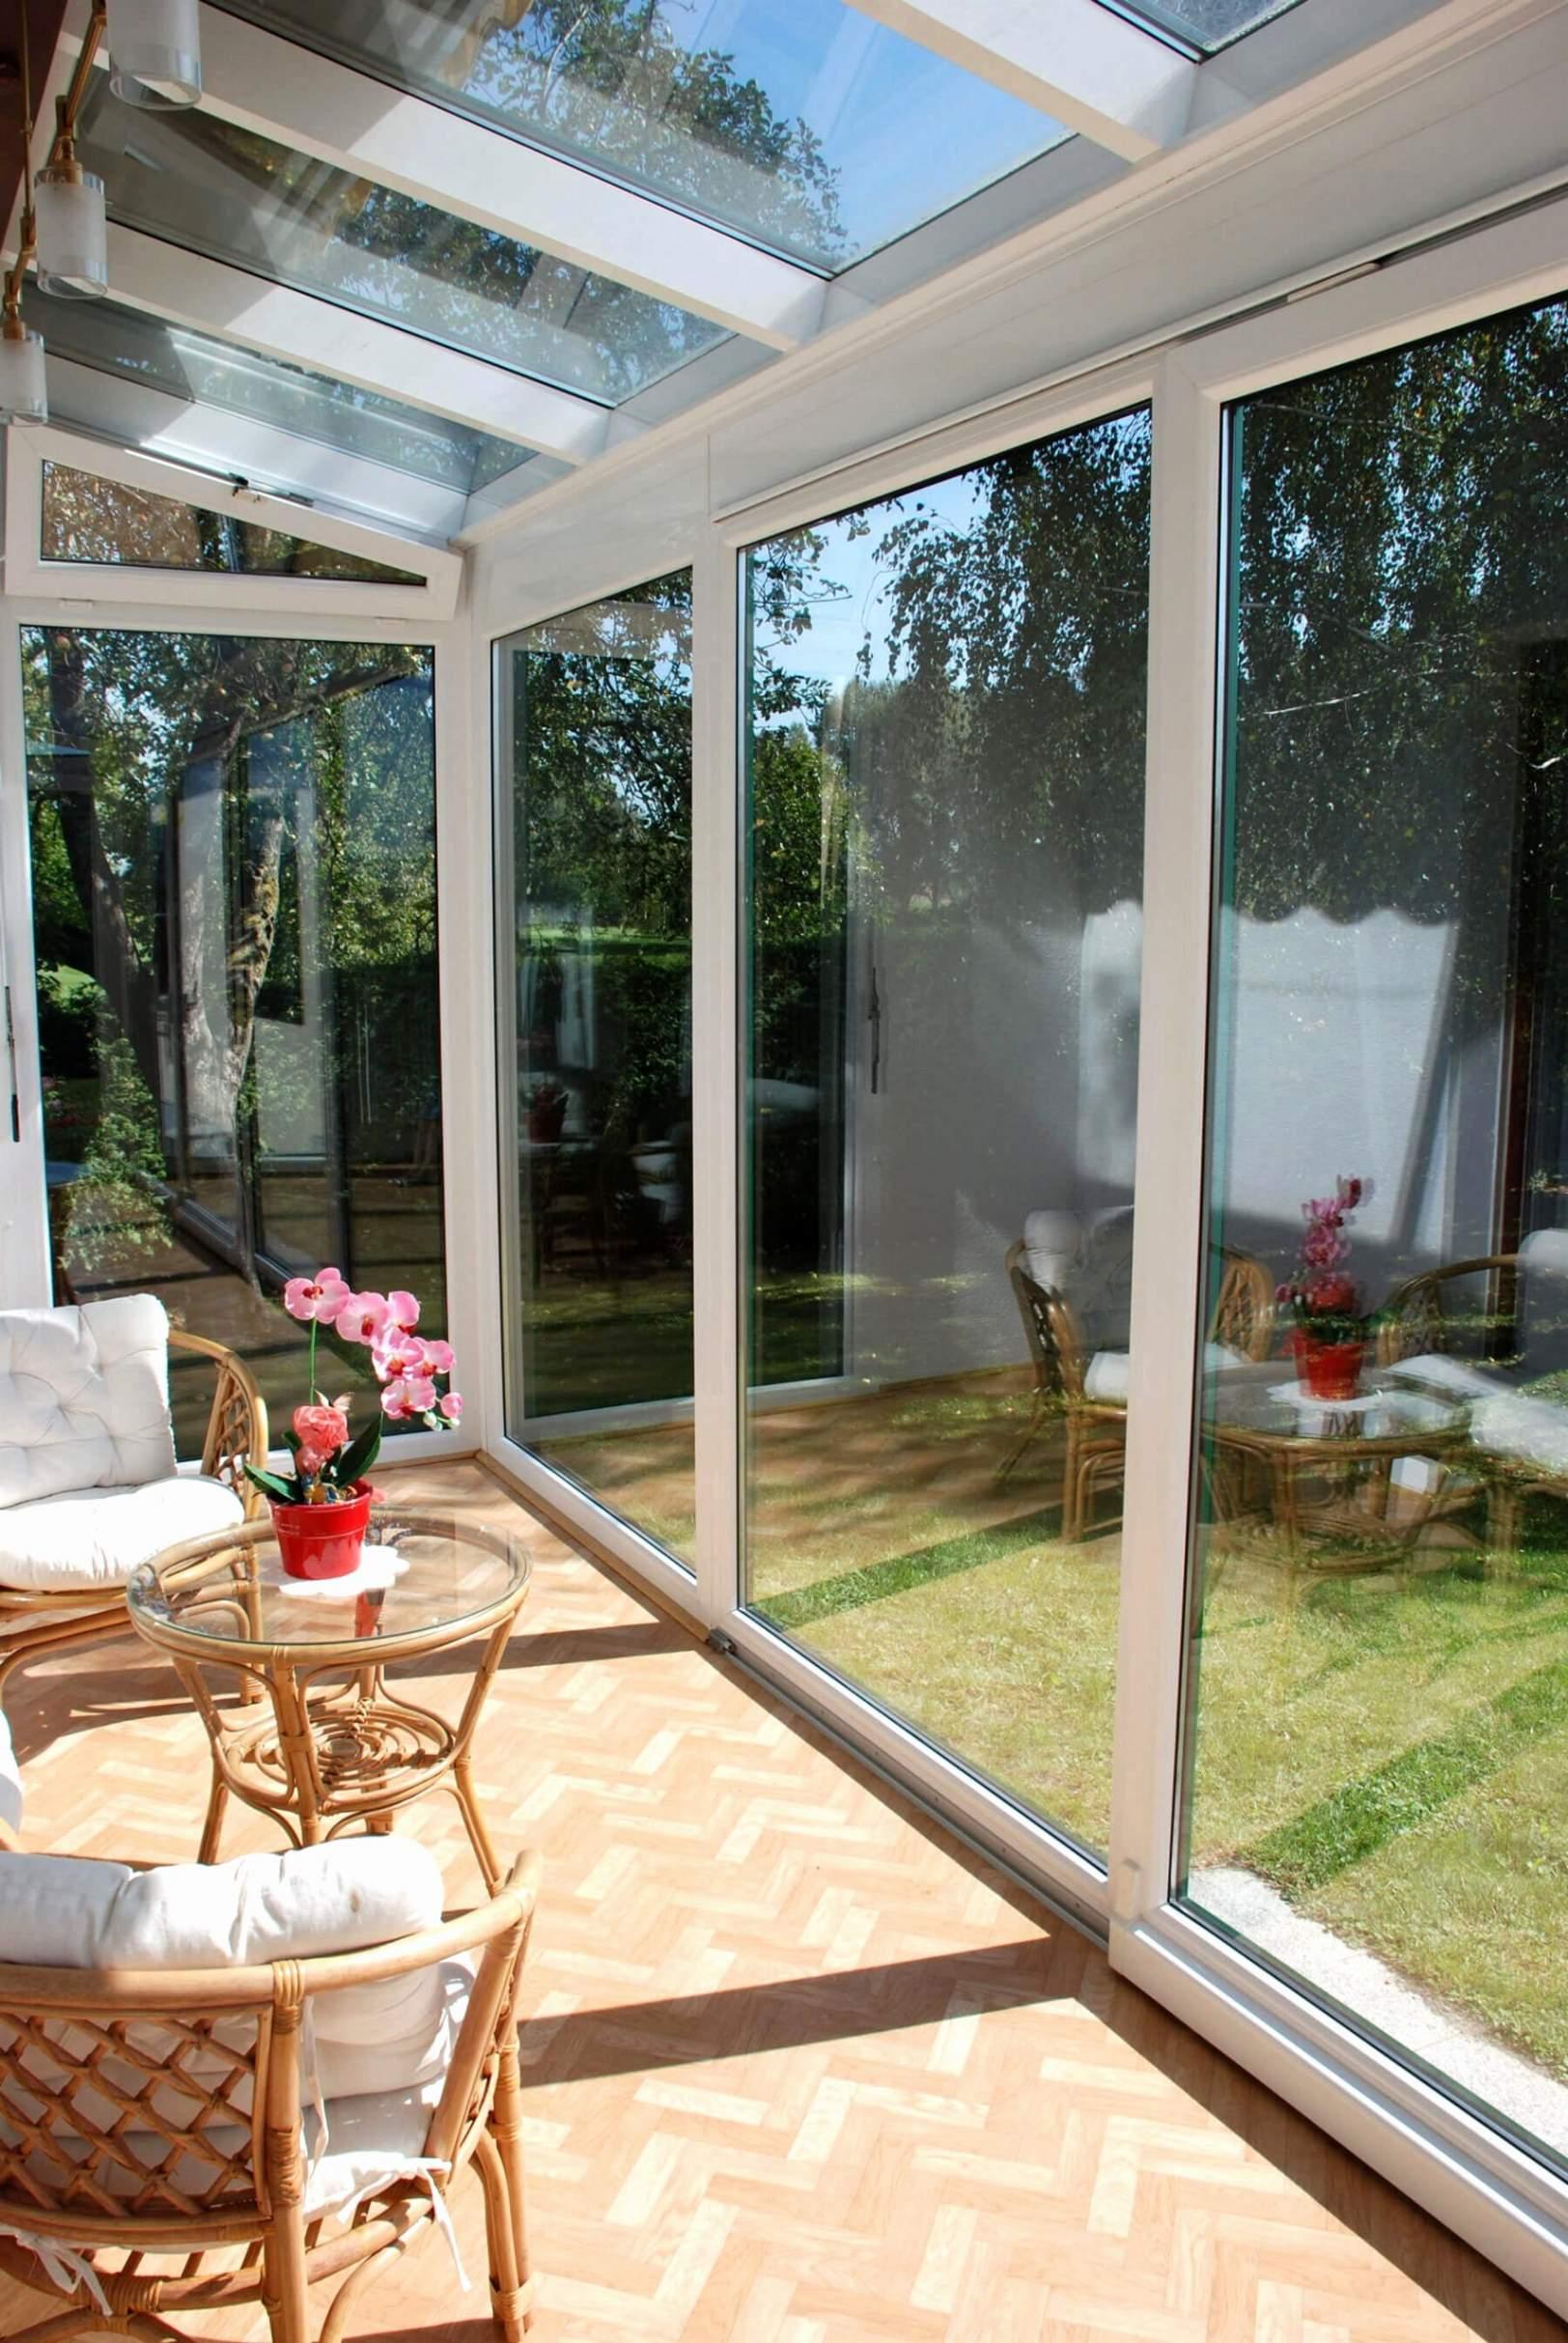 gartenhaus terrasse selber bauen luxus lounge mobel balkon whirlpool lounge selber bauen lounge selber bauen